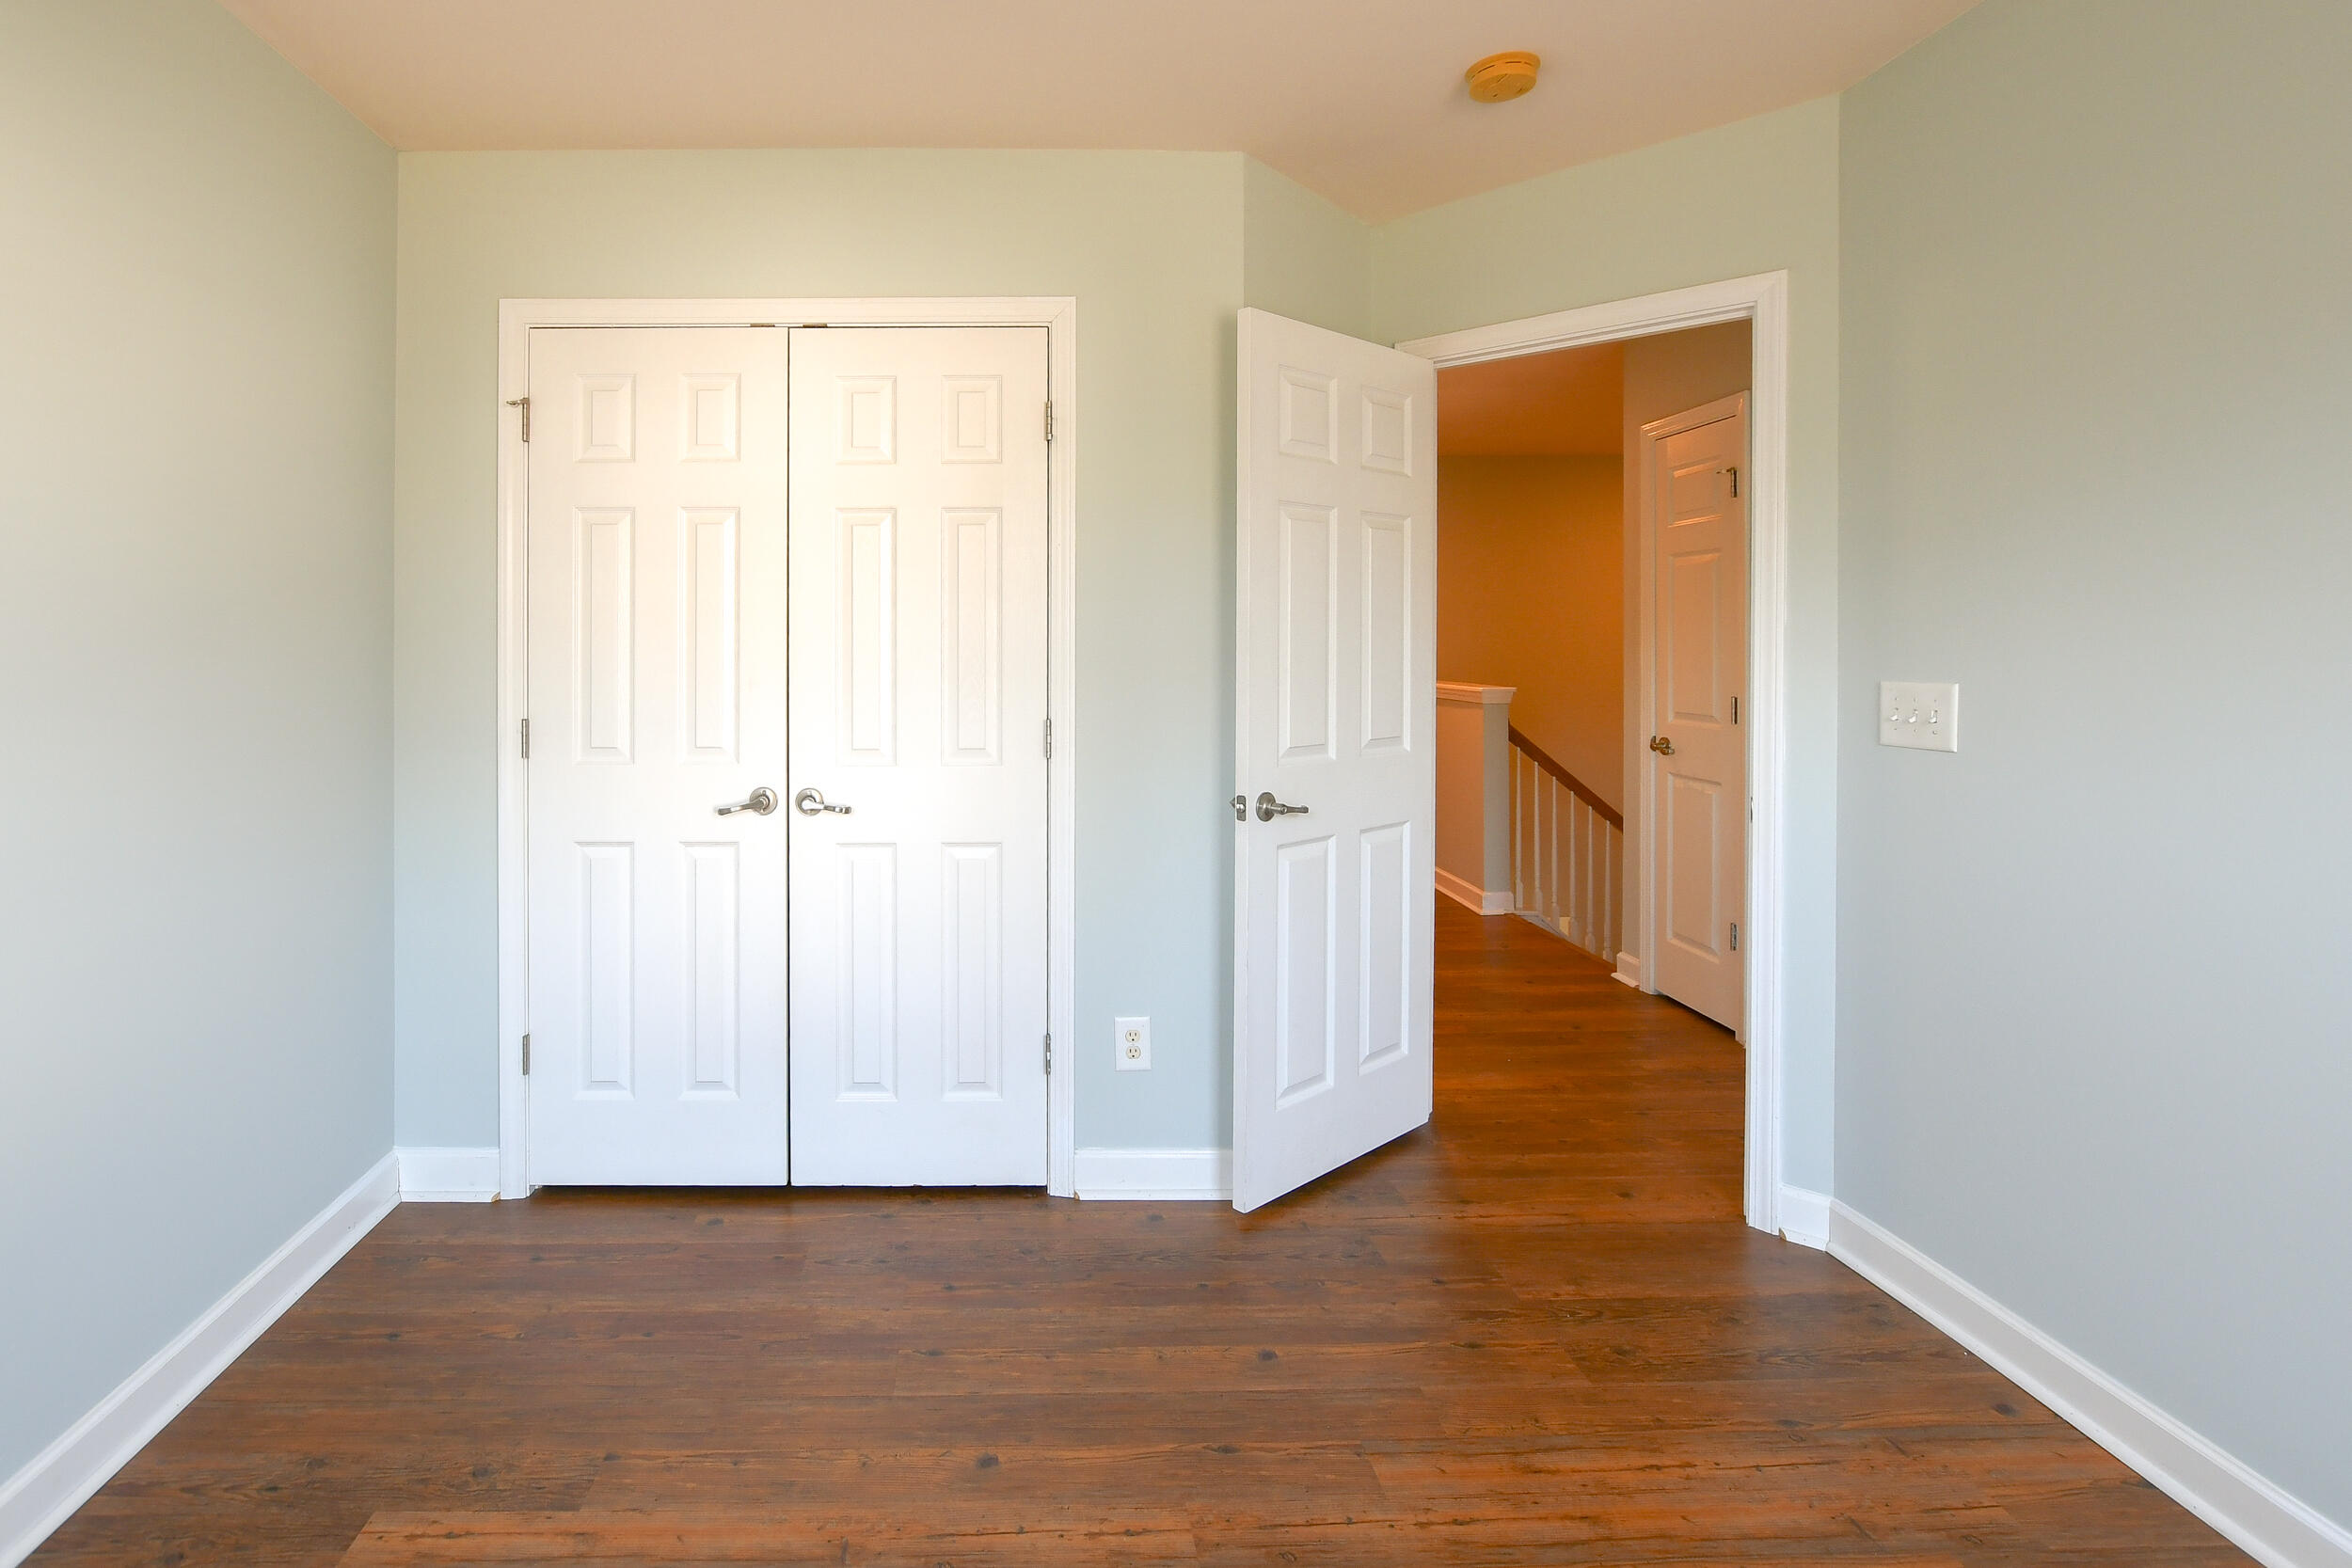 Park West Homes For Sale - 3545 Claremont, Mount Pleasant, SC - 22